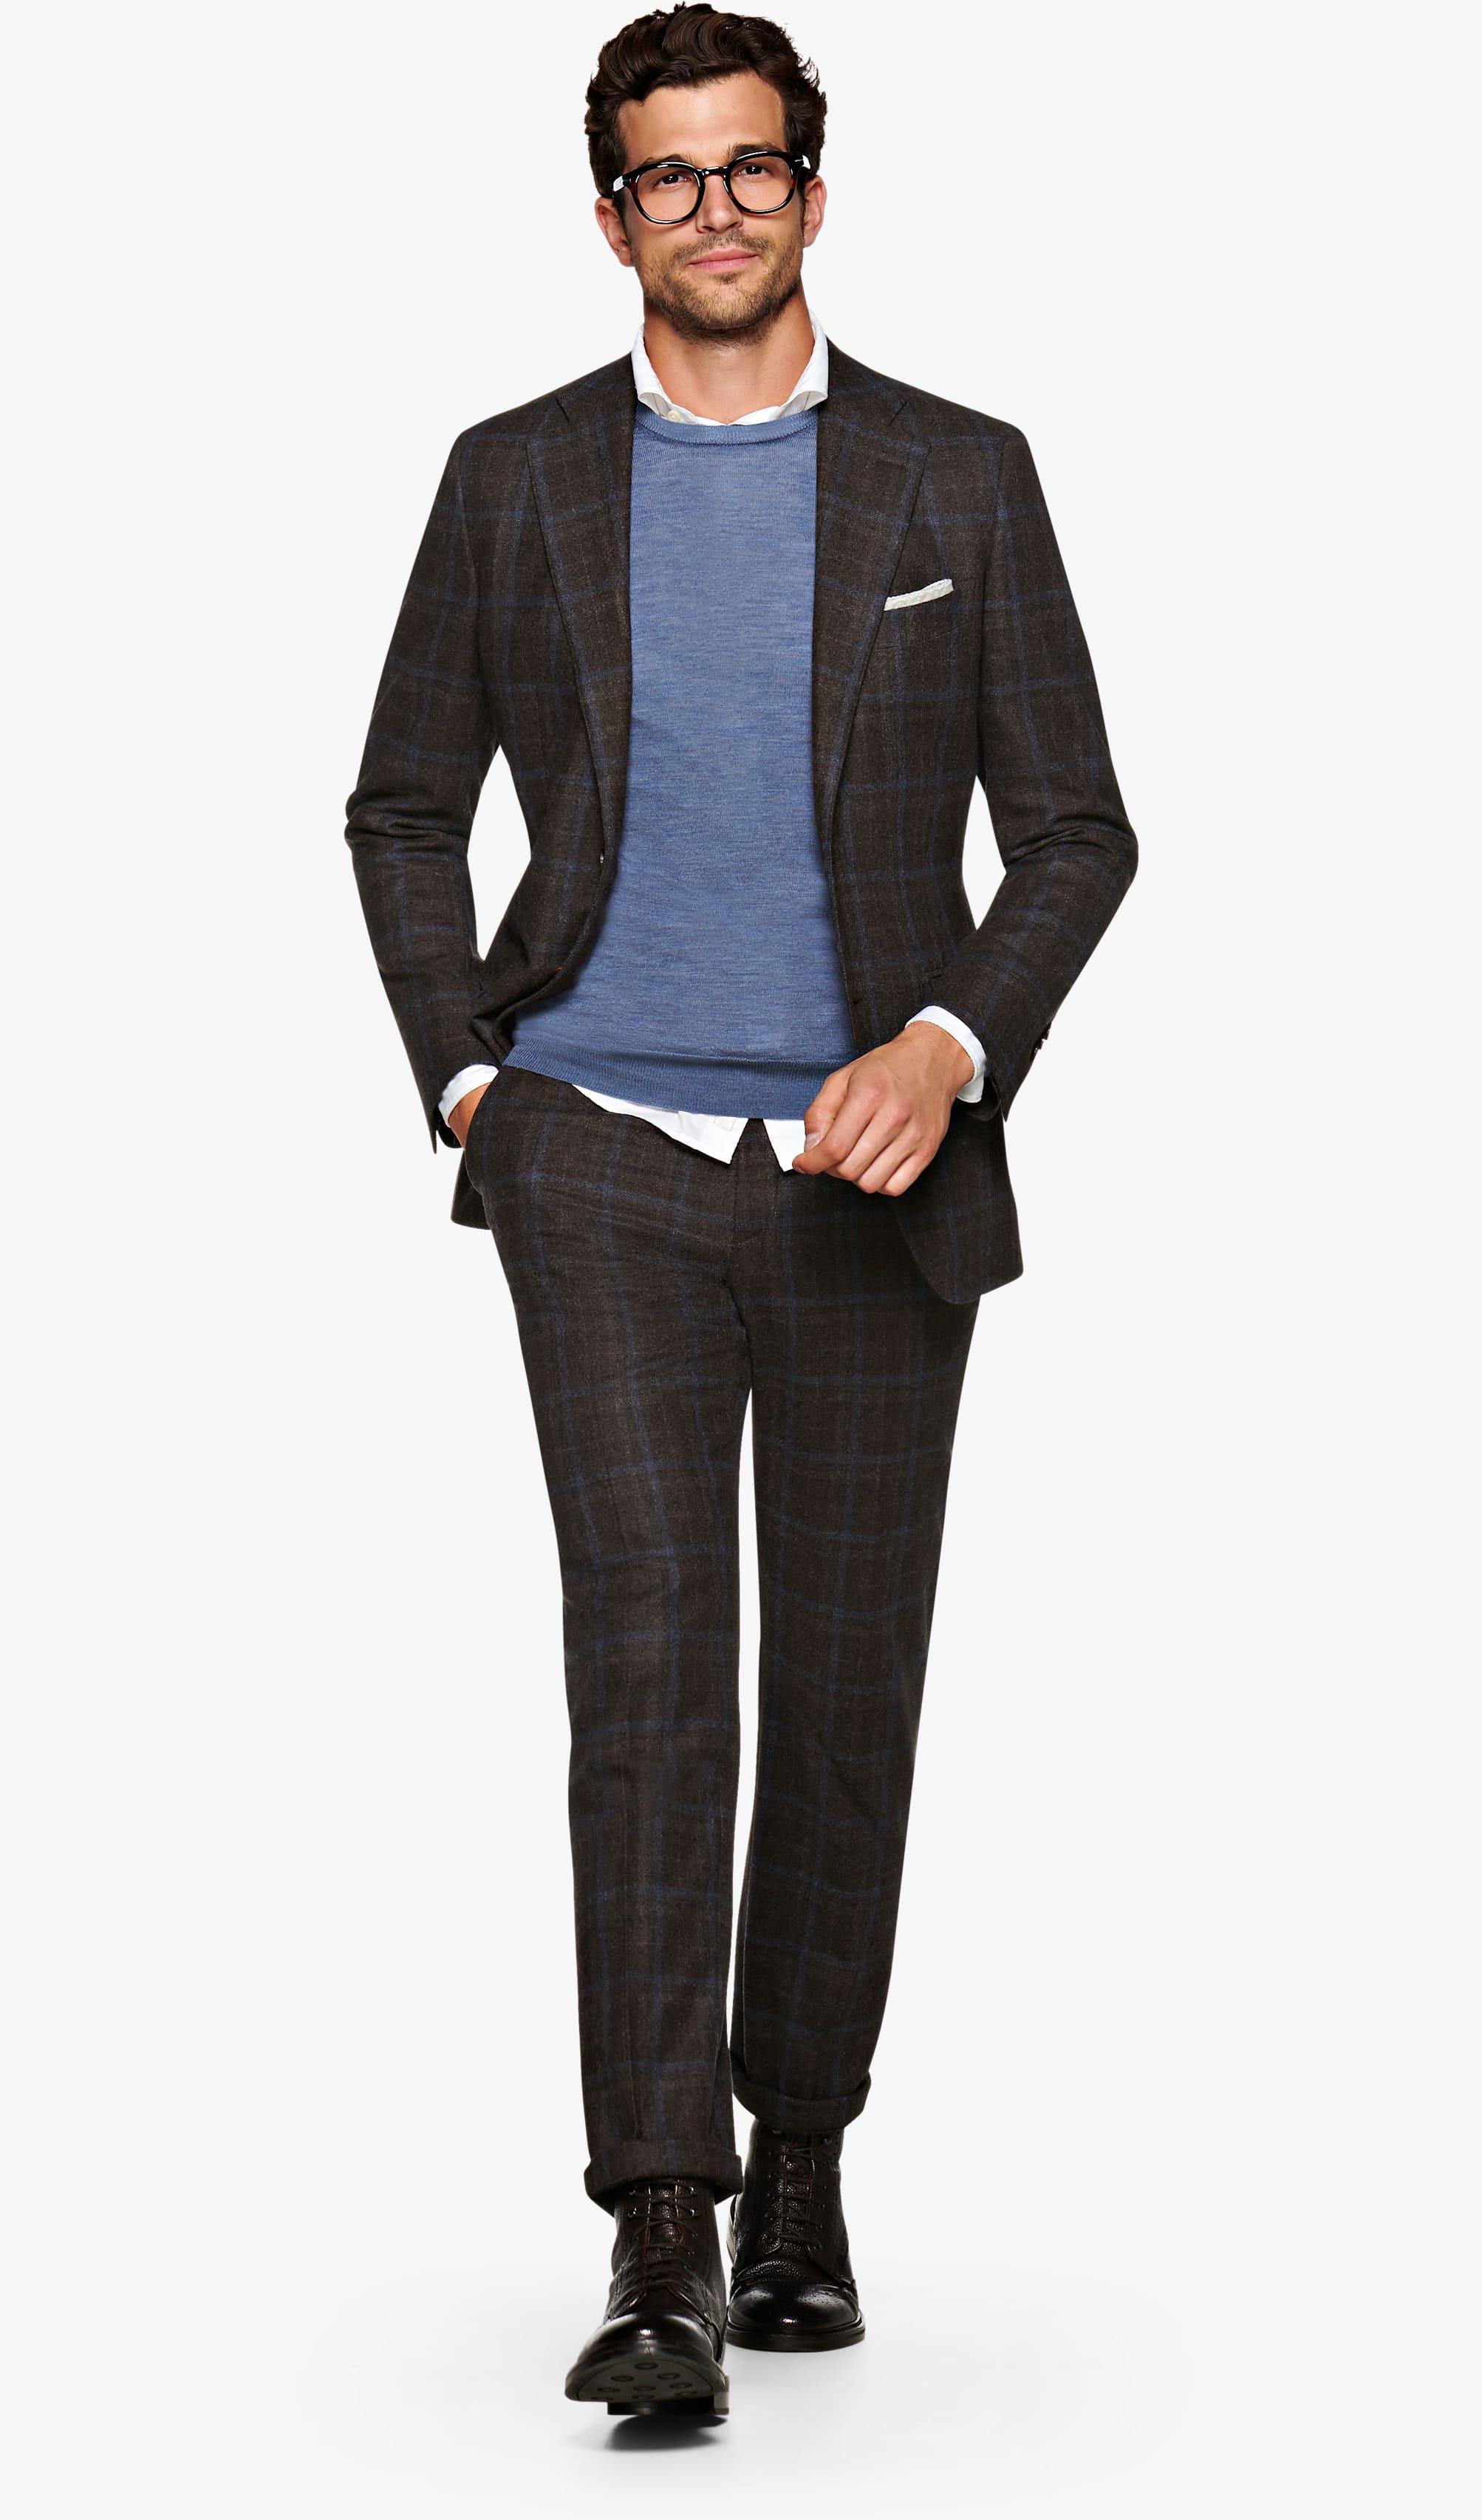 Suit_Brown_Check_Lazio_P5519I